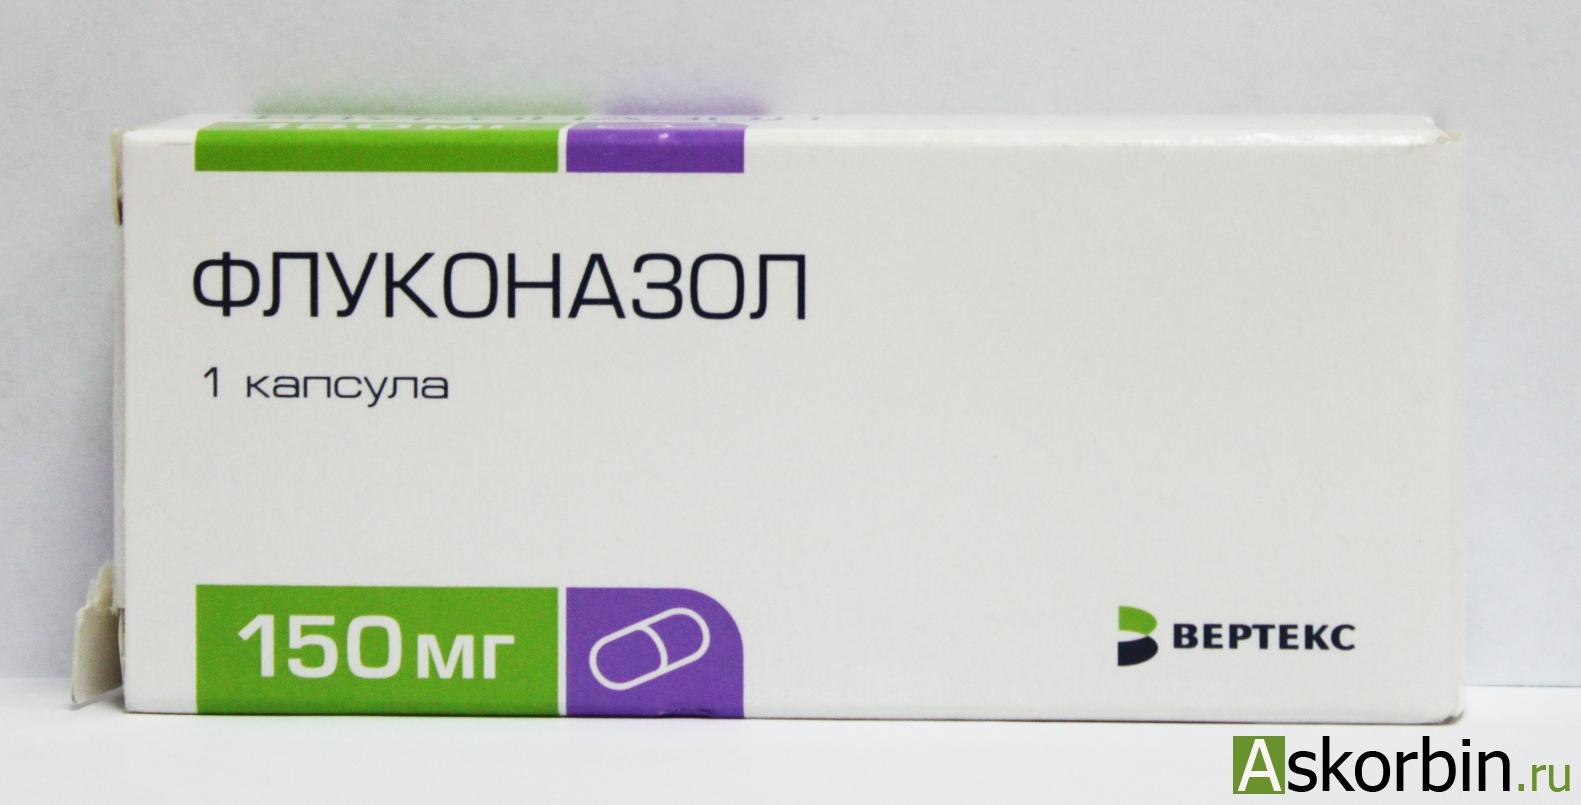 Флуконазол минск, флуконазол цена 150 мг цена в аптеках.